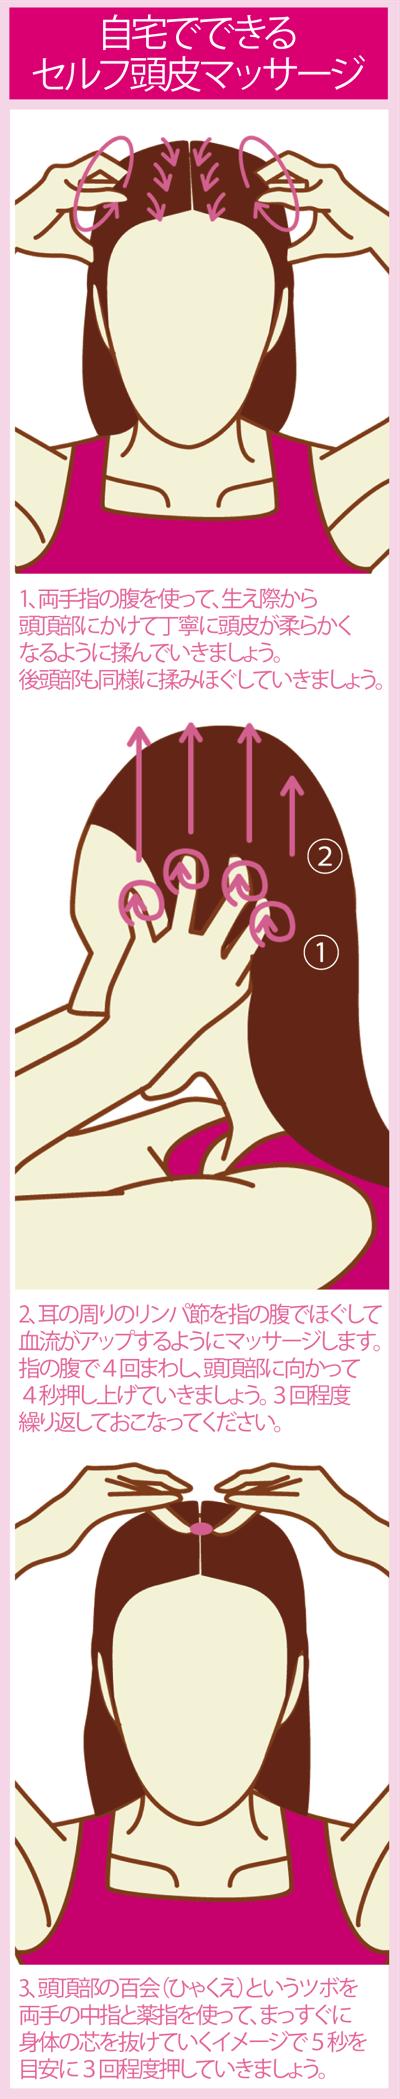 【自宅出来る薄毛予防】セルフ頭皮マッサージの方法